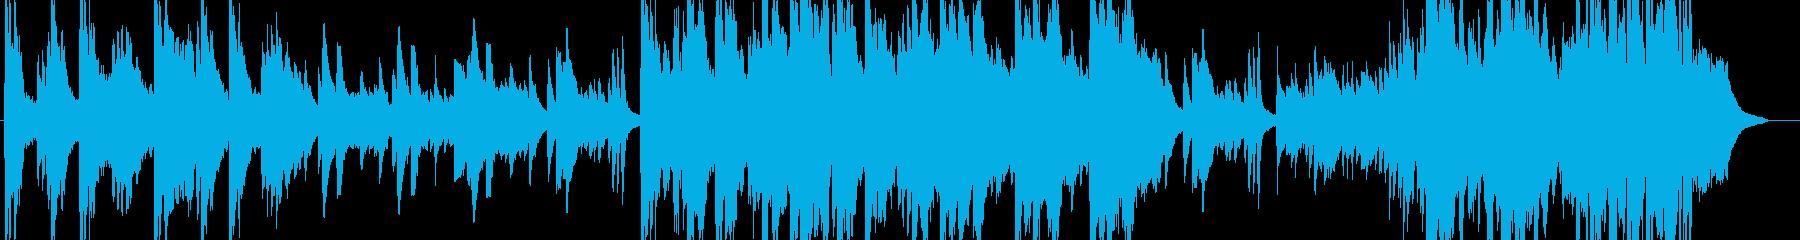 どこか懐かしい室内楽風の曲の再生済みの波形